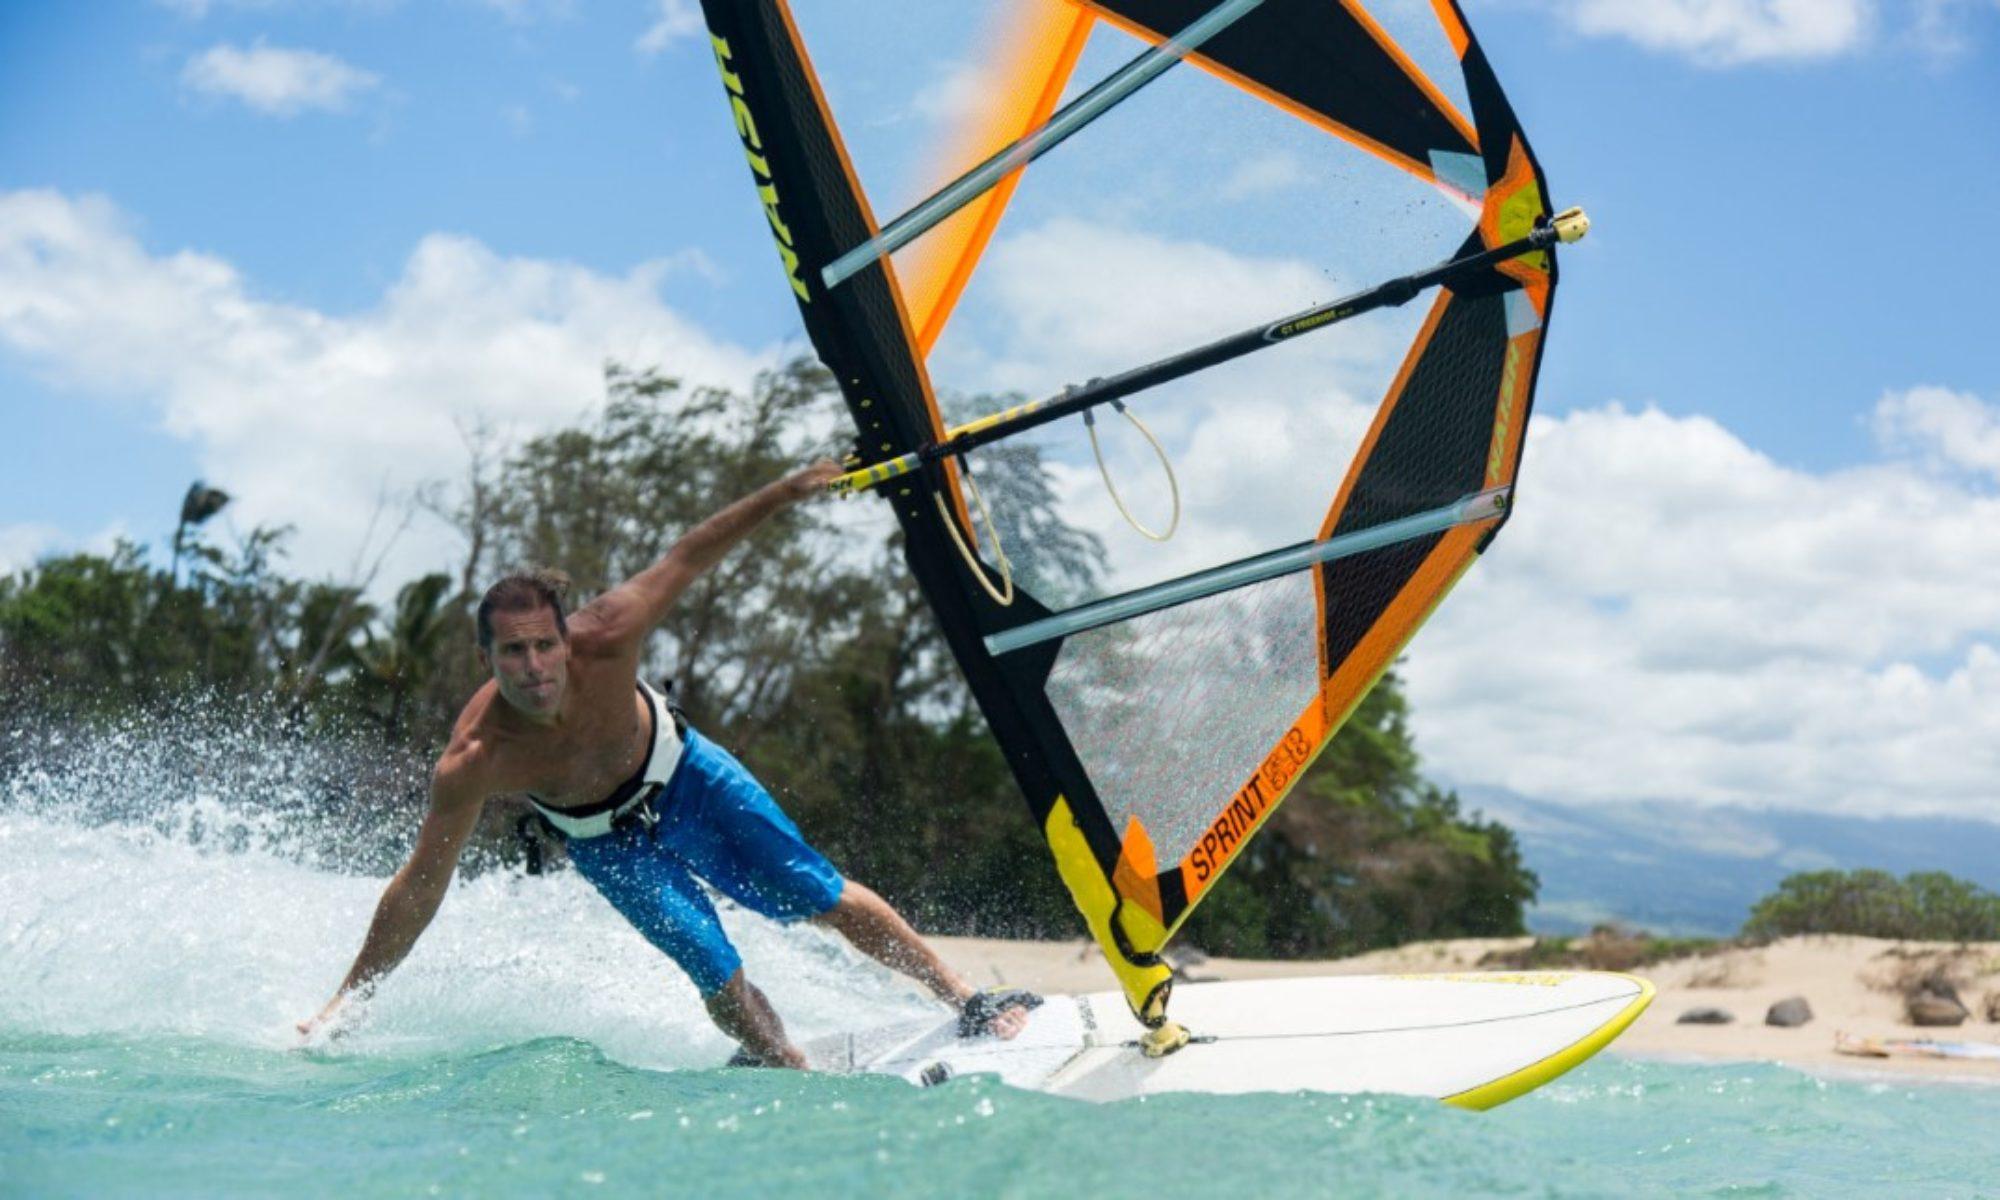 Windsurfen.net